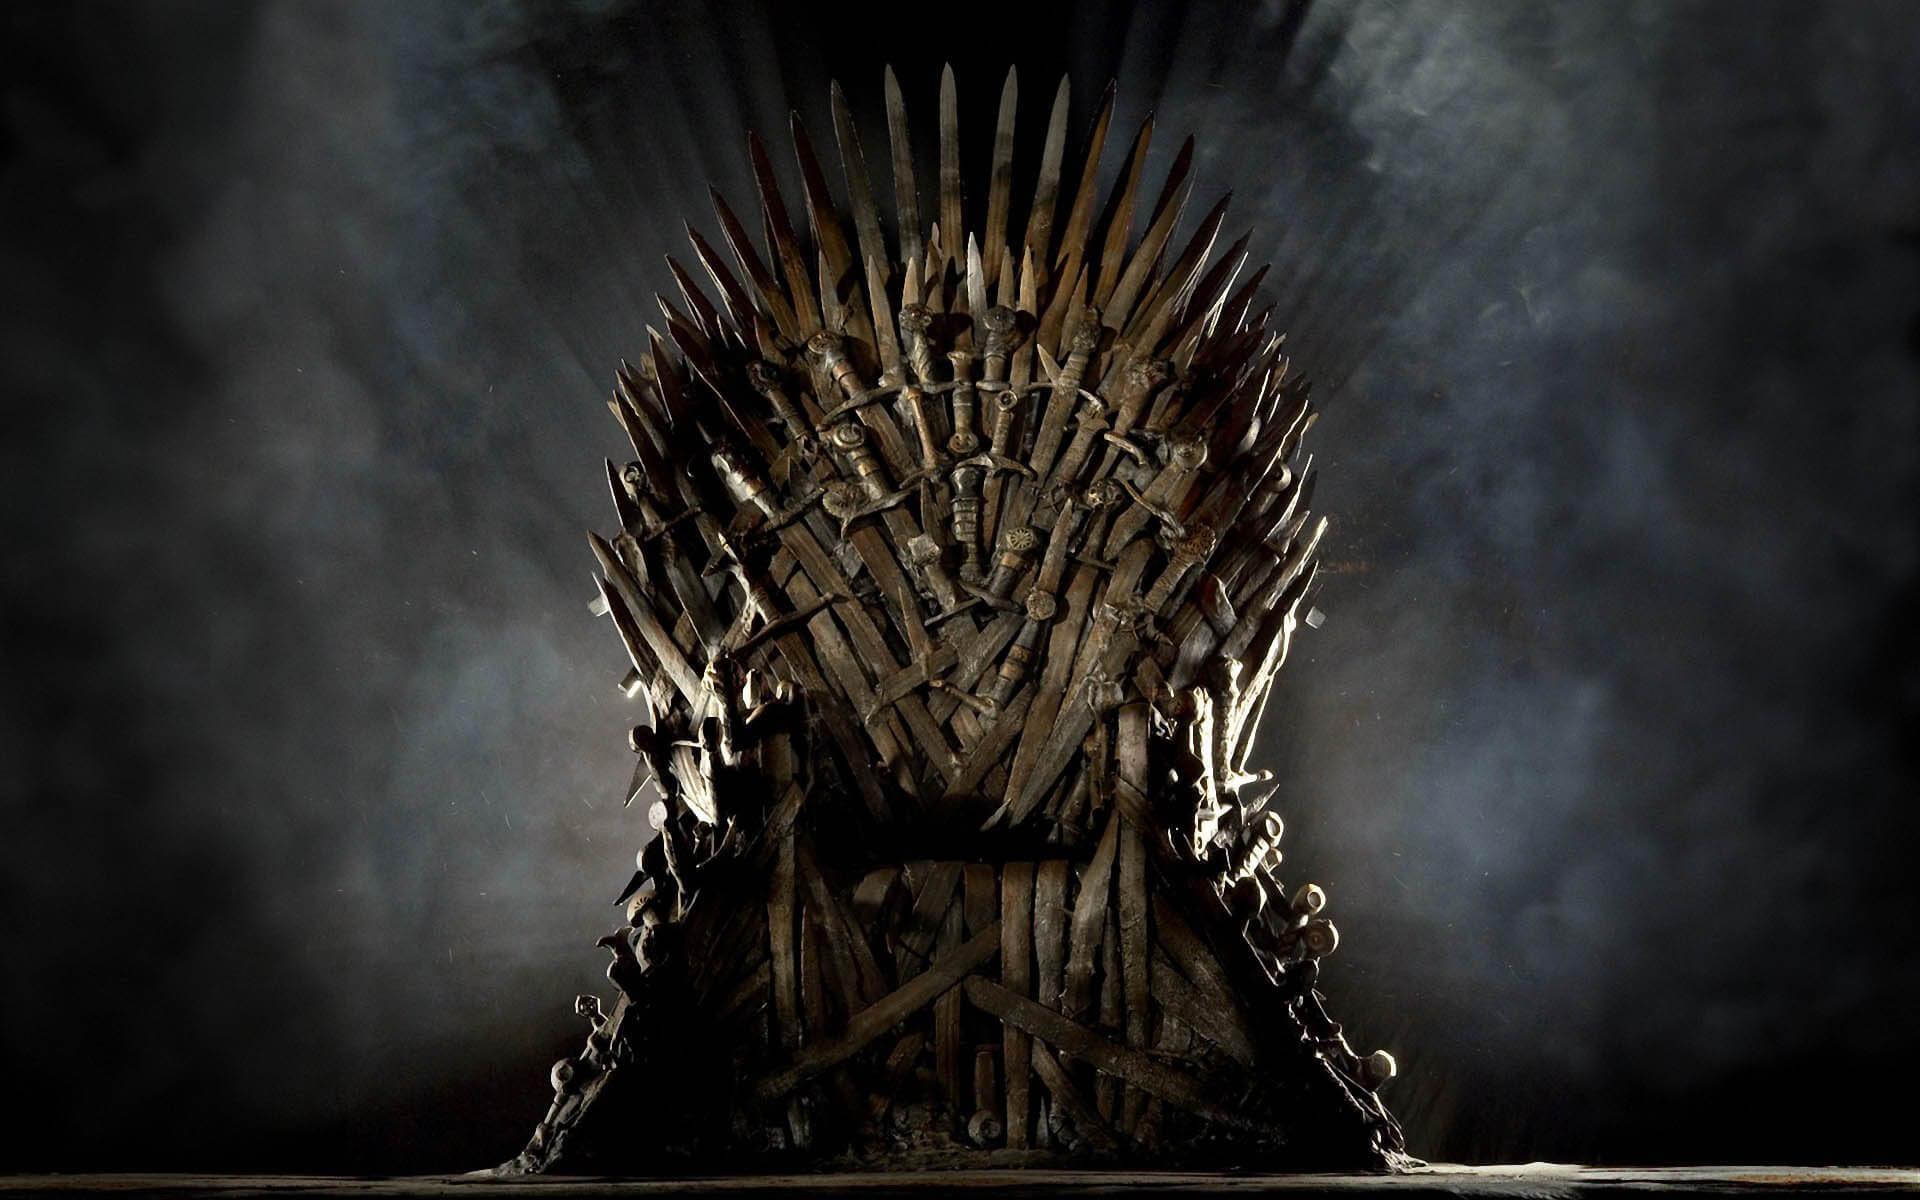 game of thrones poster - Todos os spoilers que você precisa saber de Game of Thrones